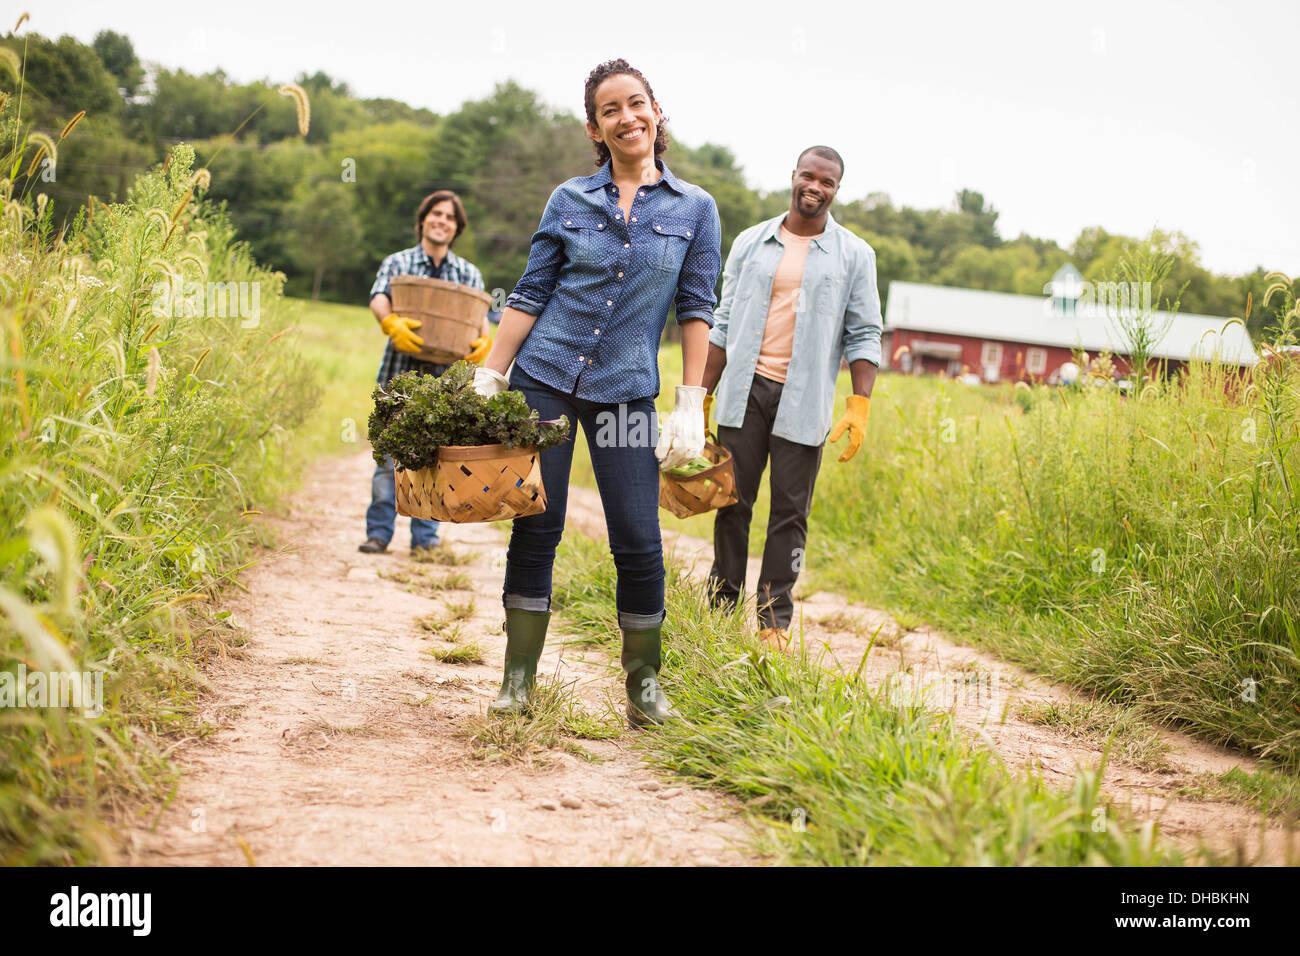 Drei Mitarbeiter auf einem Bio-Bauernhof. Fuß entlang eines Pfades tragen Körbe voll mit Gemüse. Stockbild